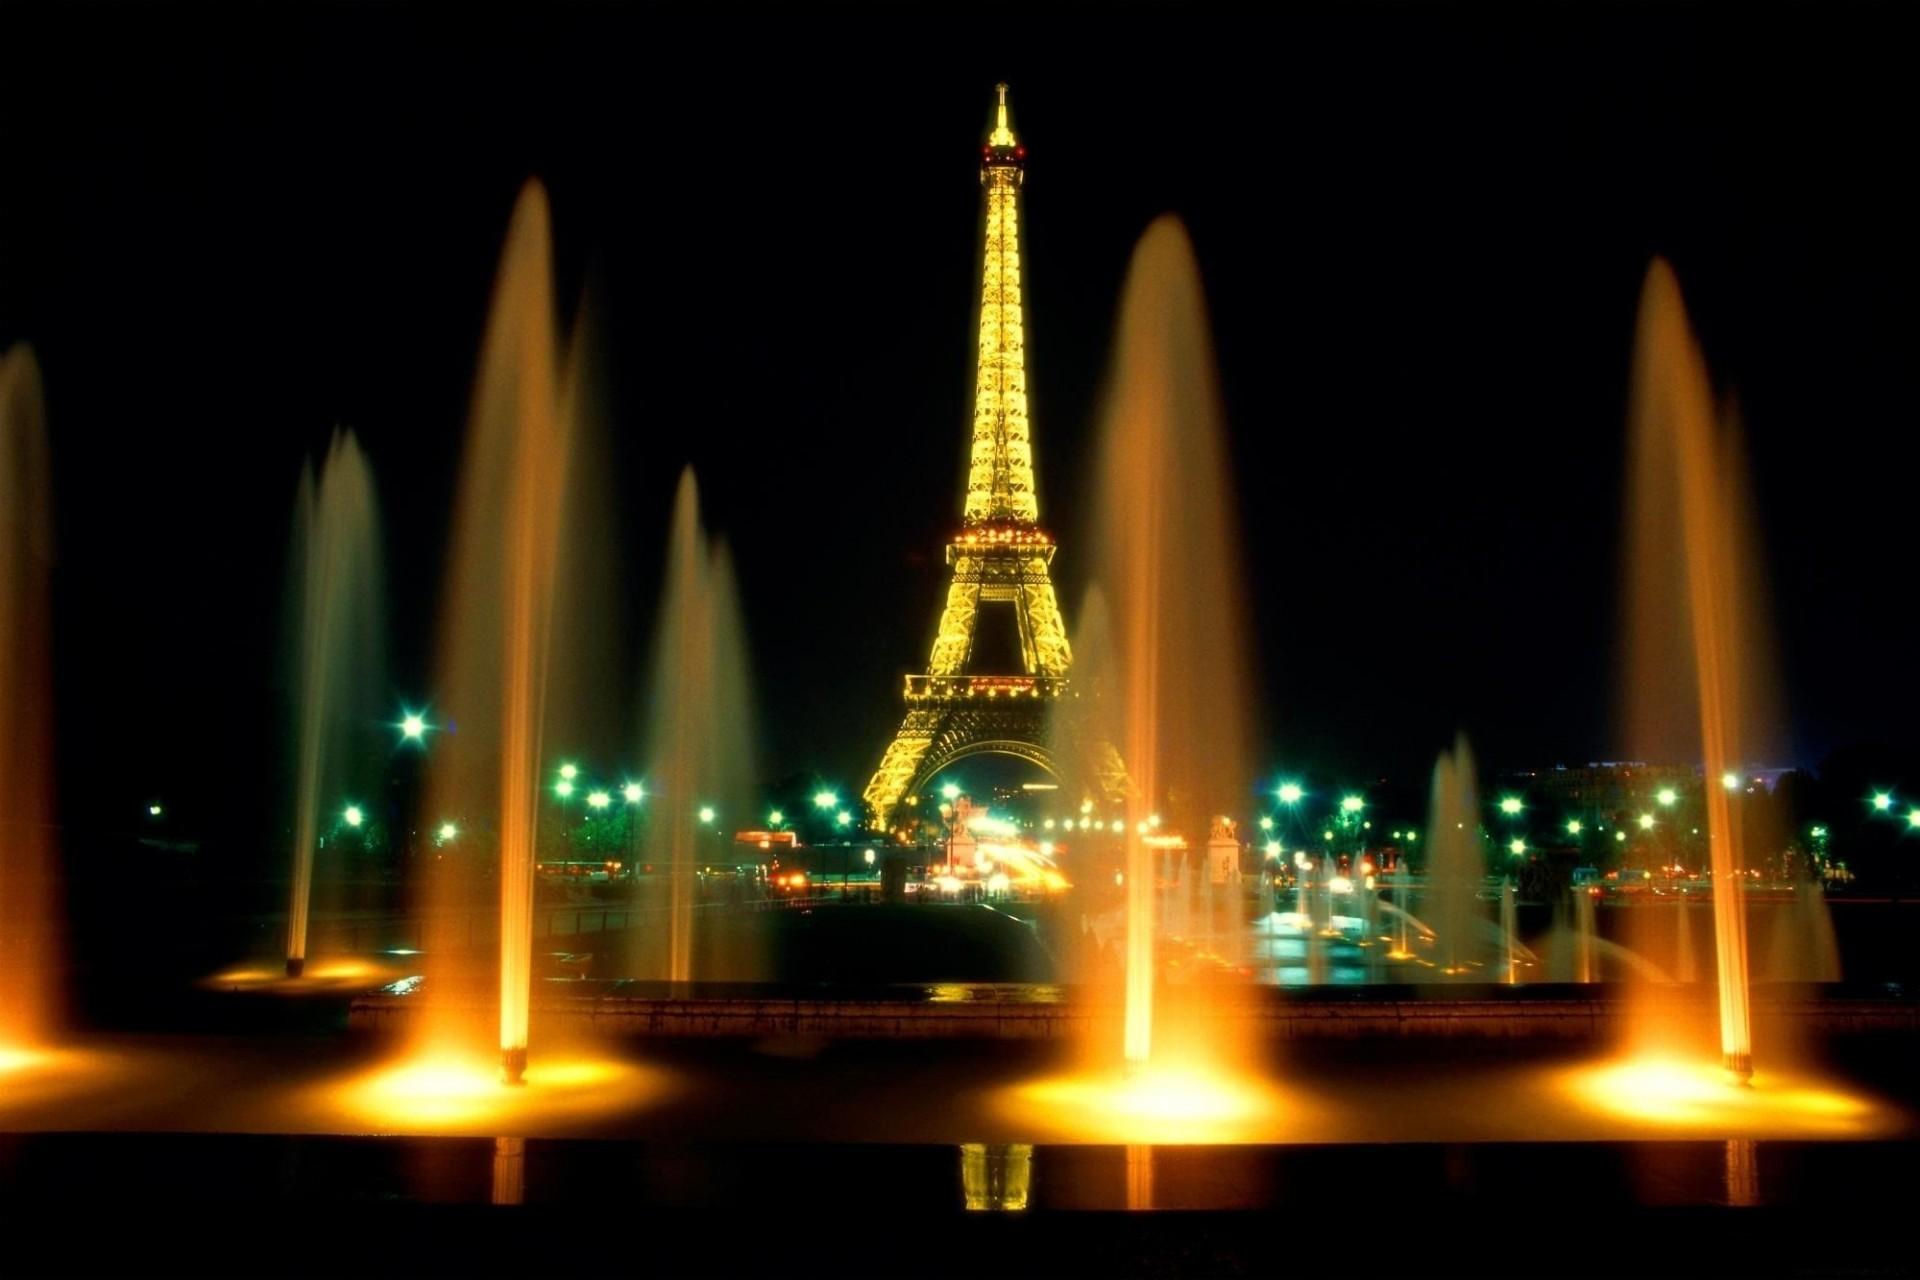 картинка эйфелева башня с фонтанами чеснок